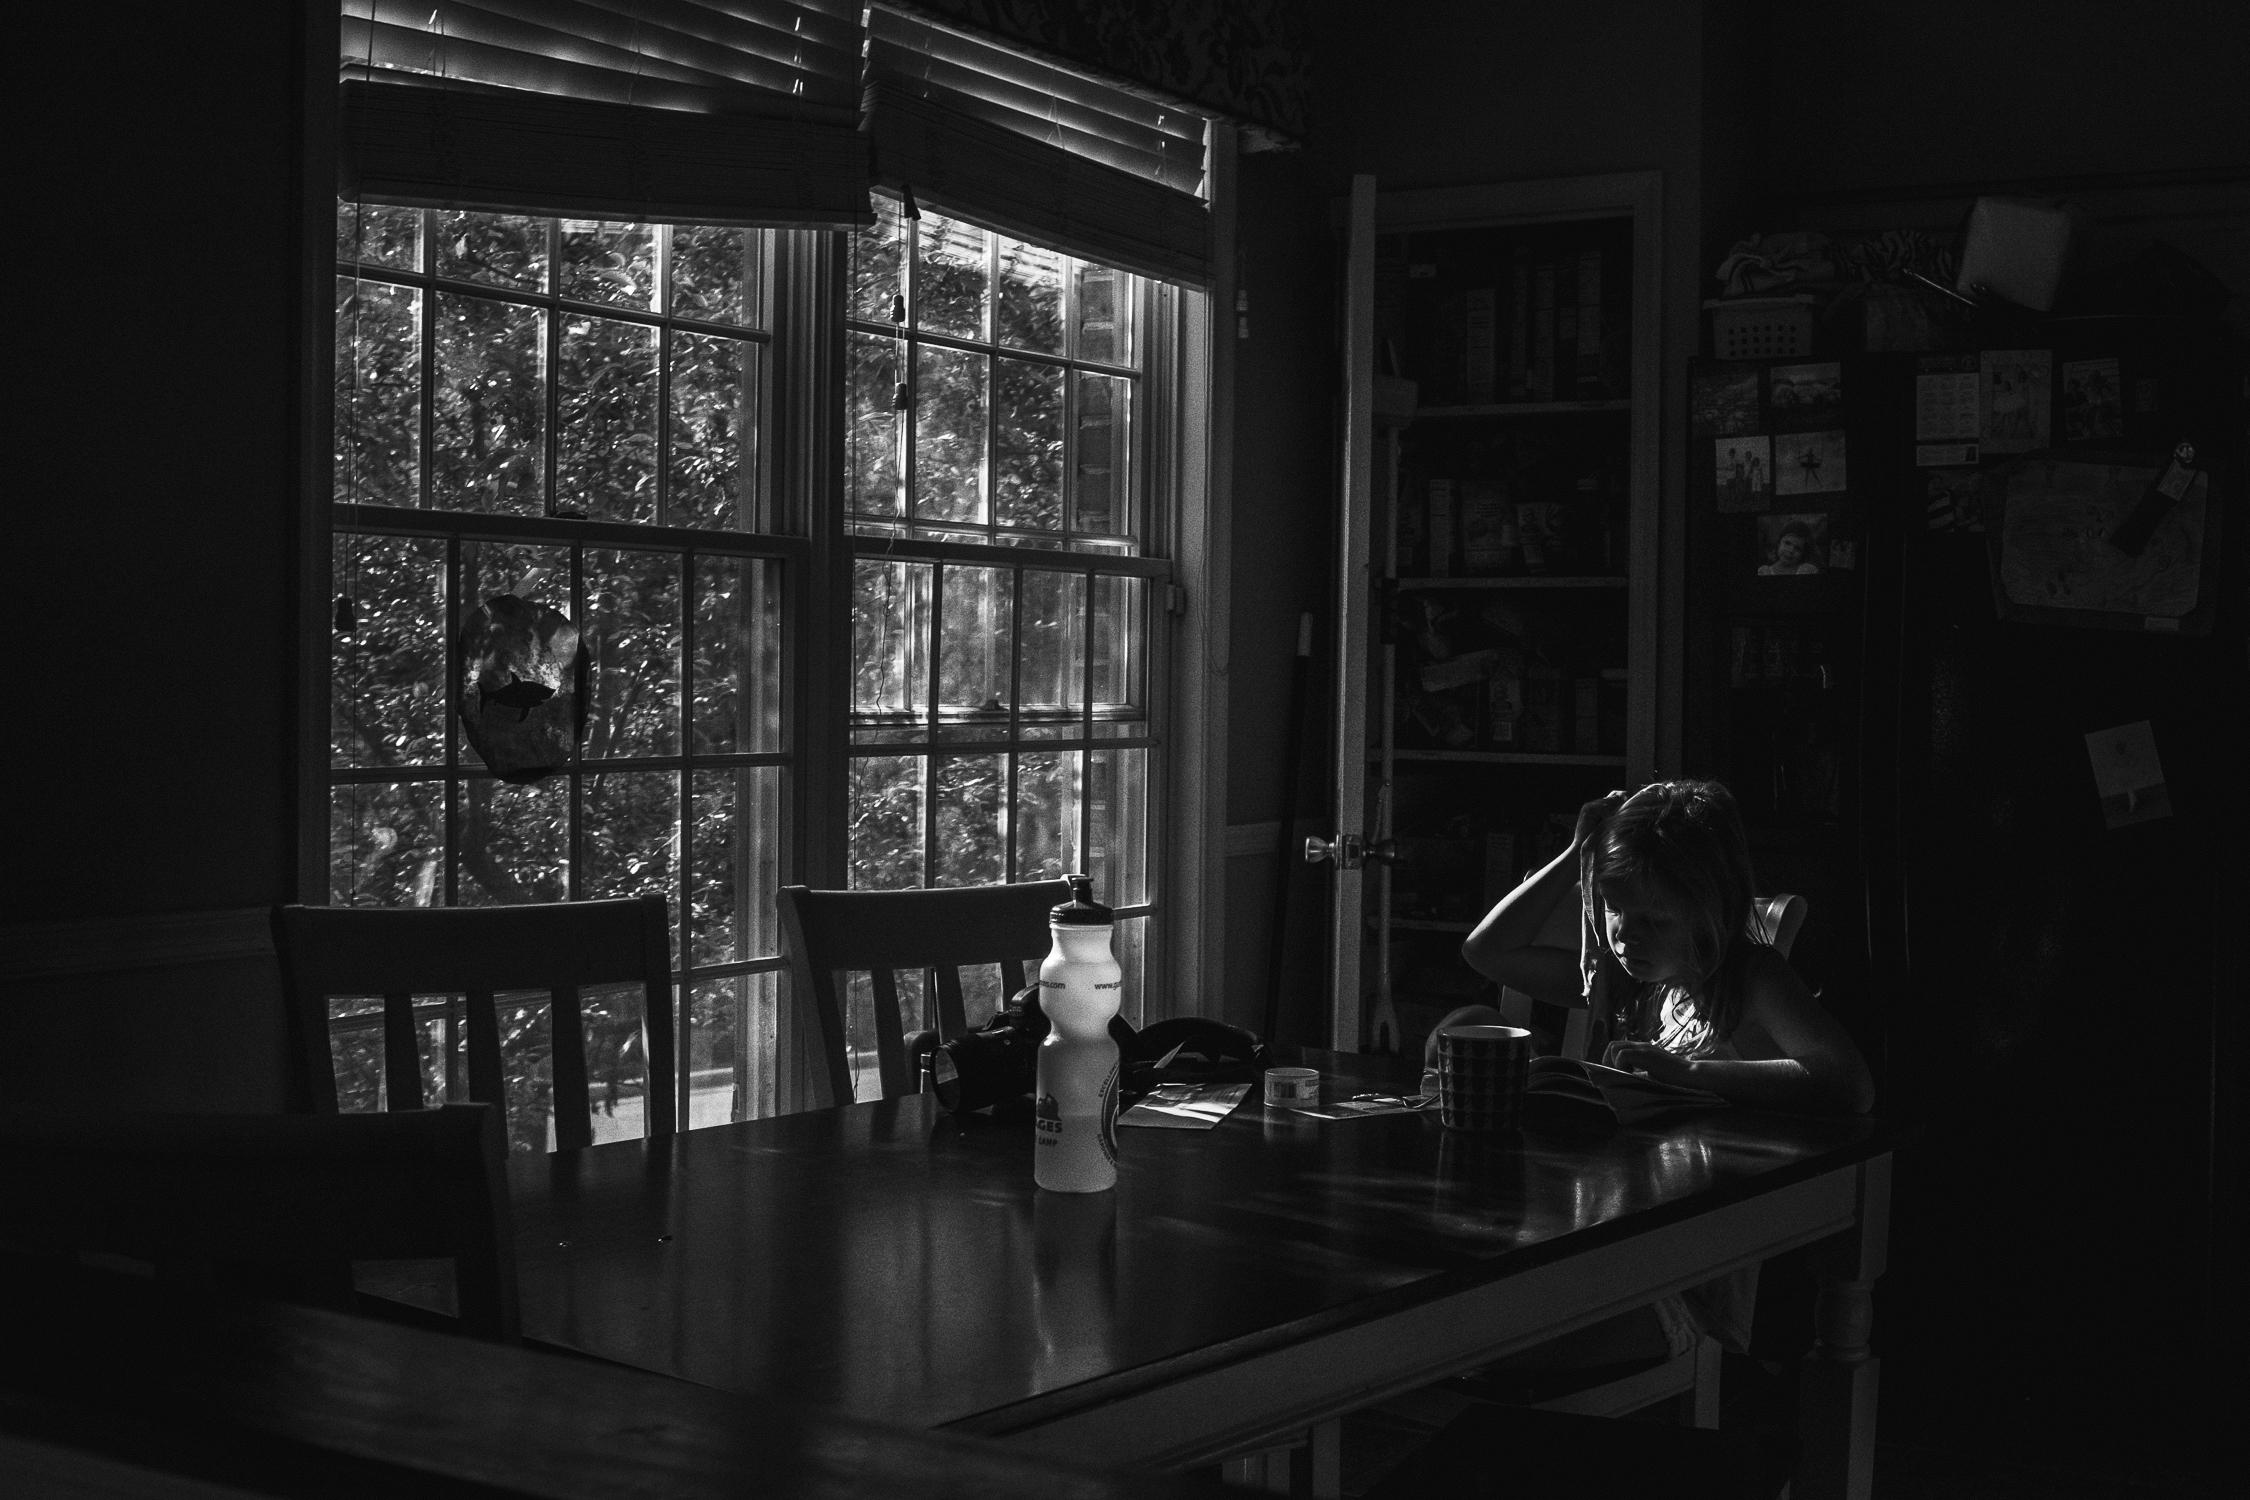 365.3.rebecca_wyatt_reading_by_window-1.jpg